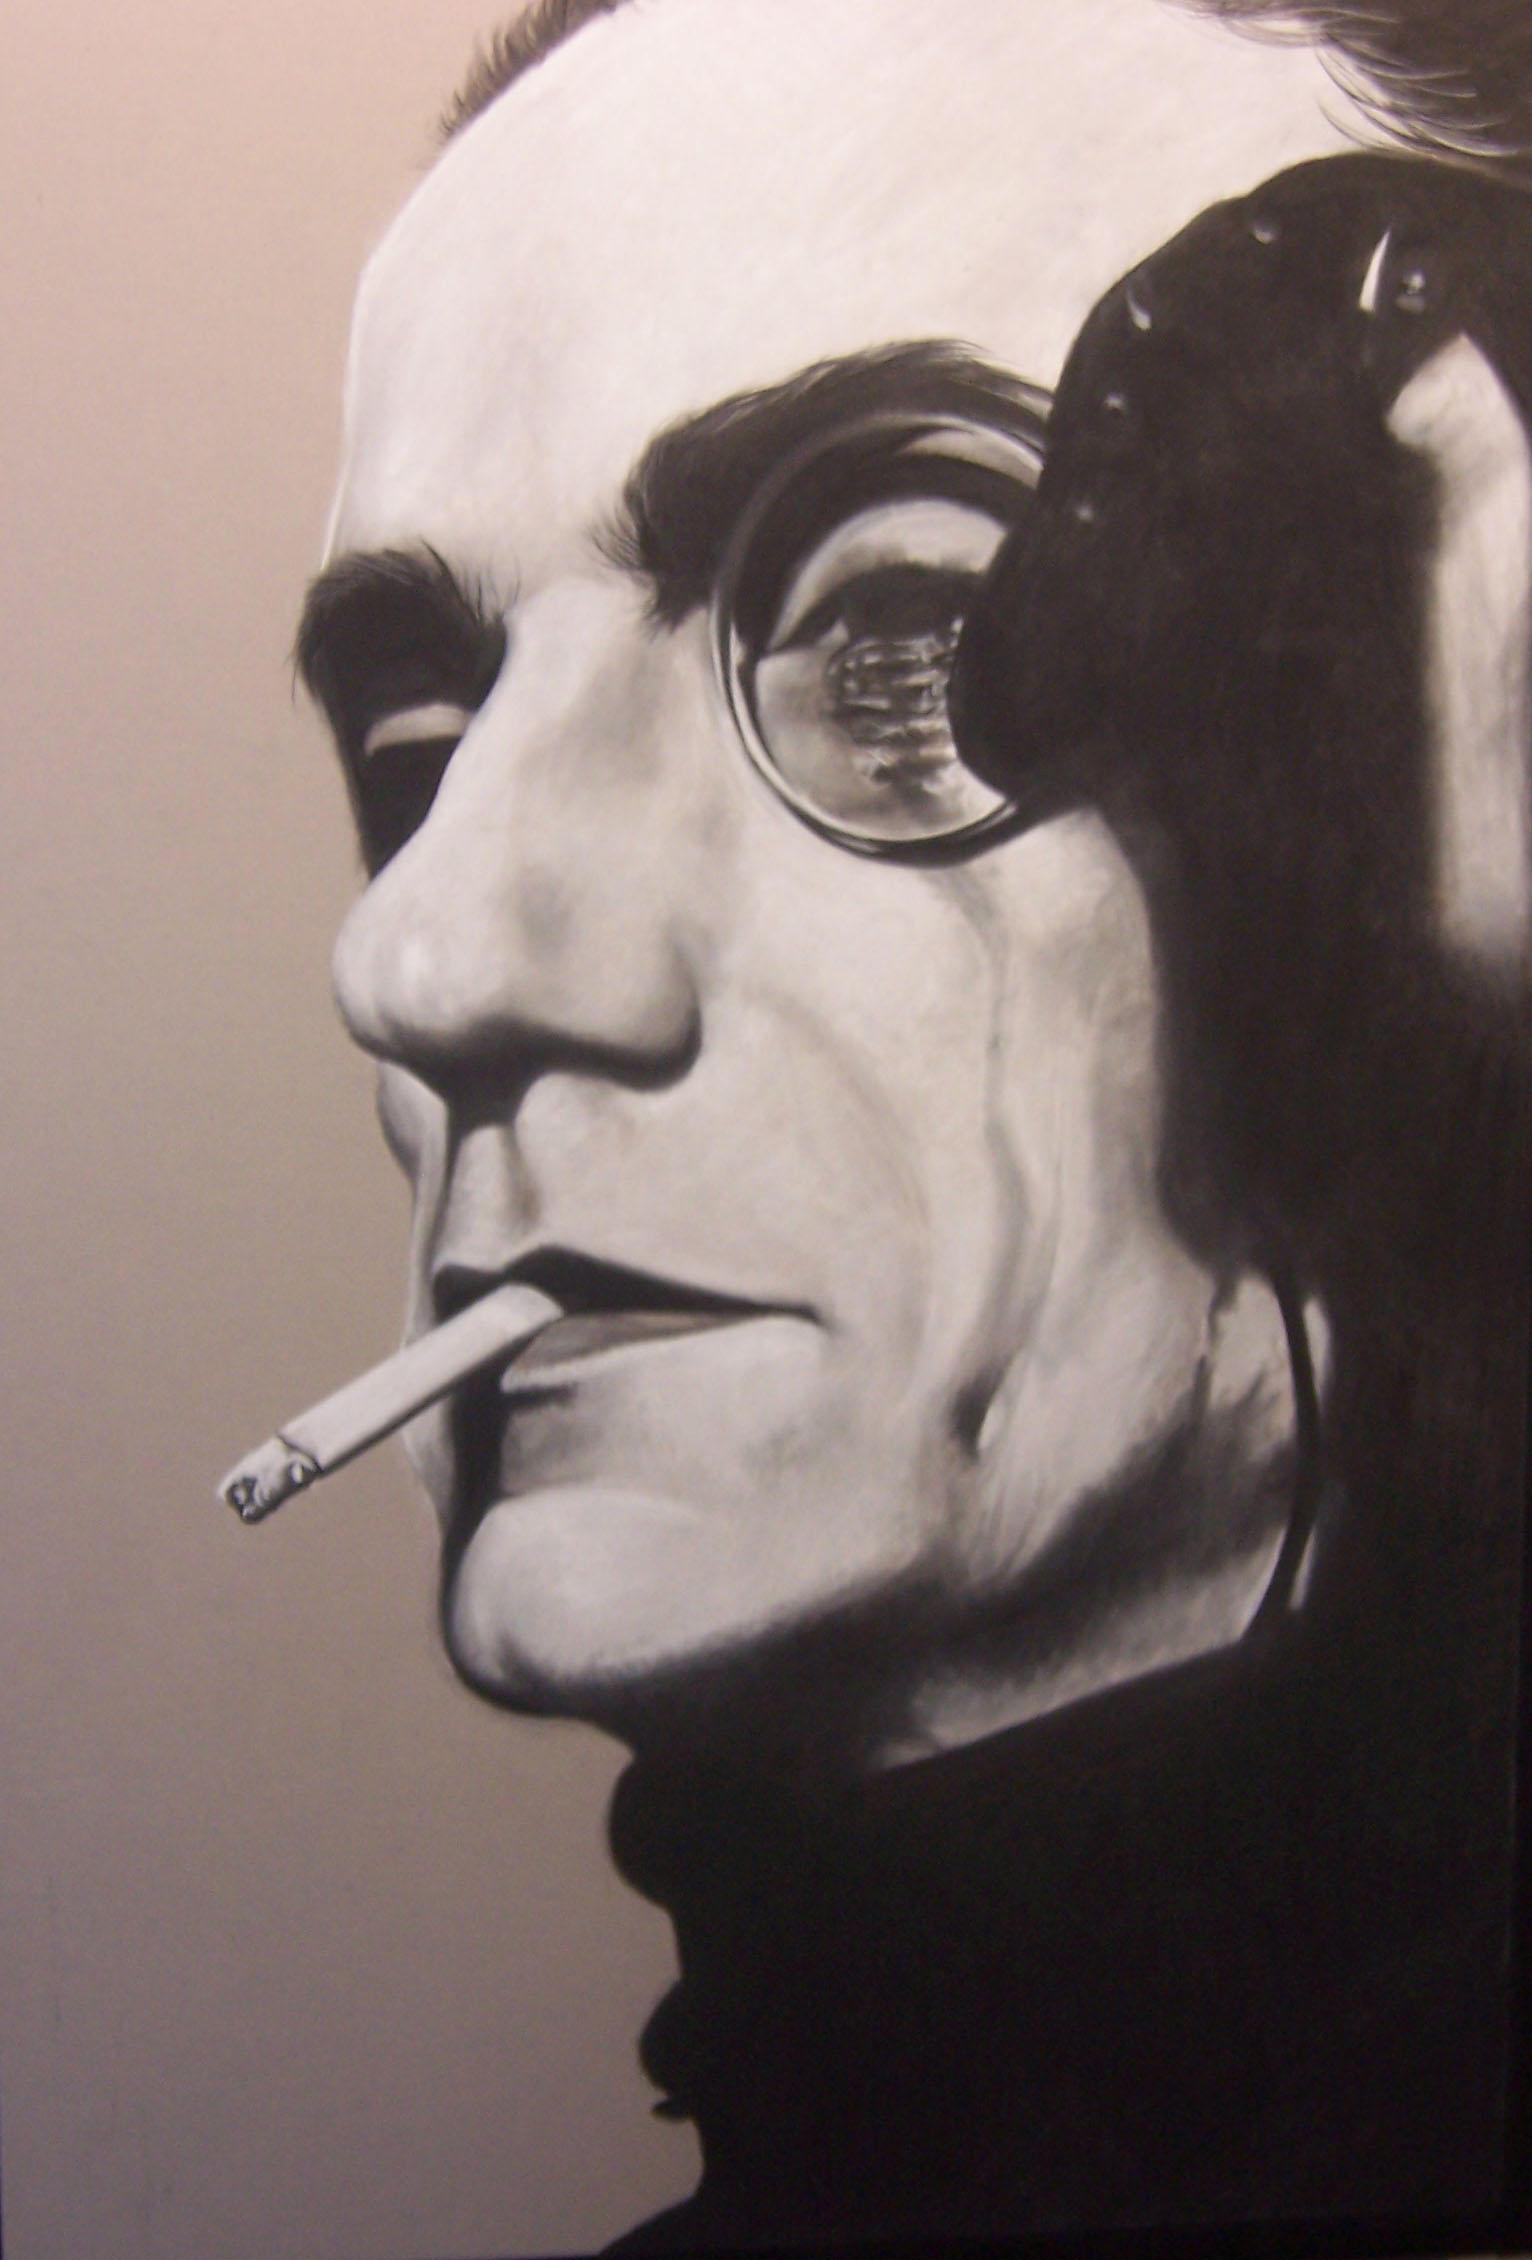 Portrait of Jeremy Irons by NecronomVI